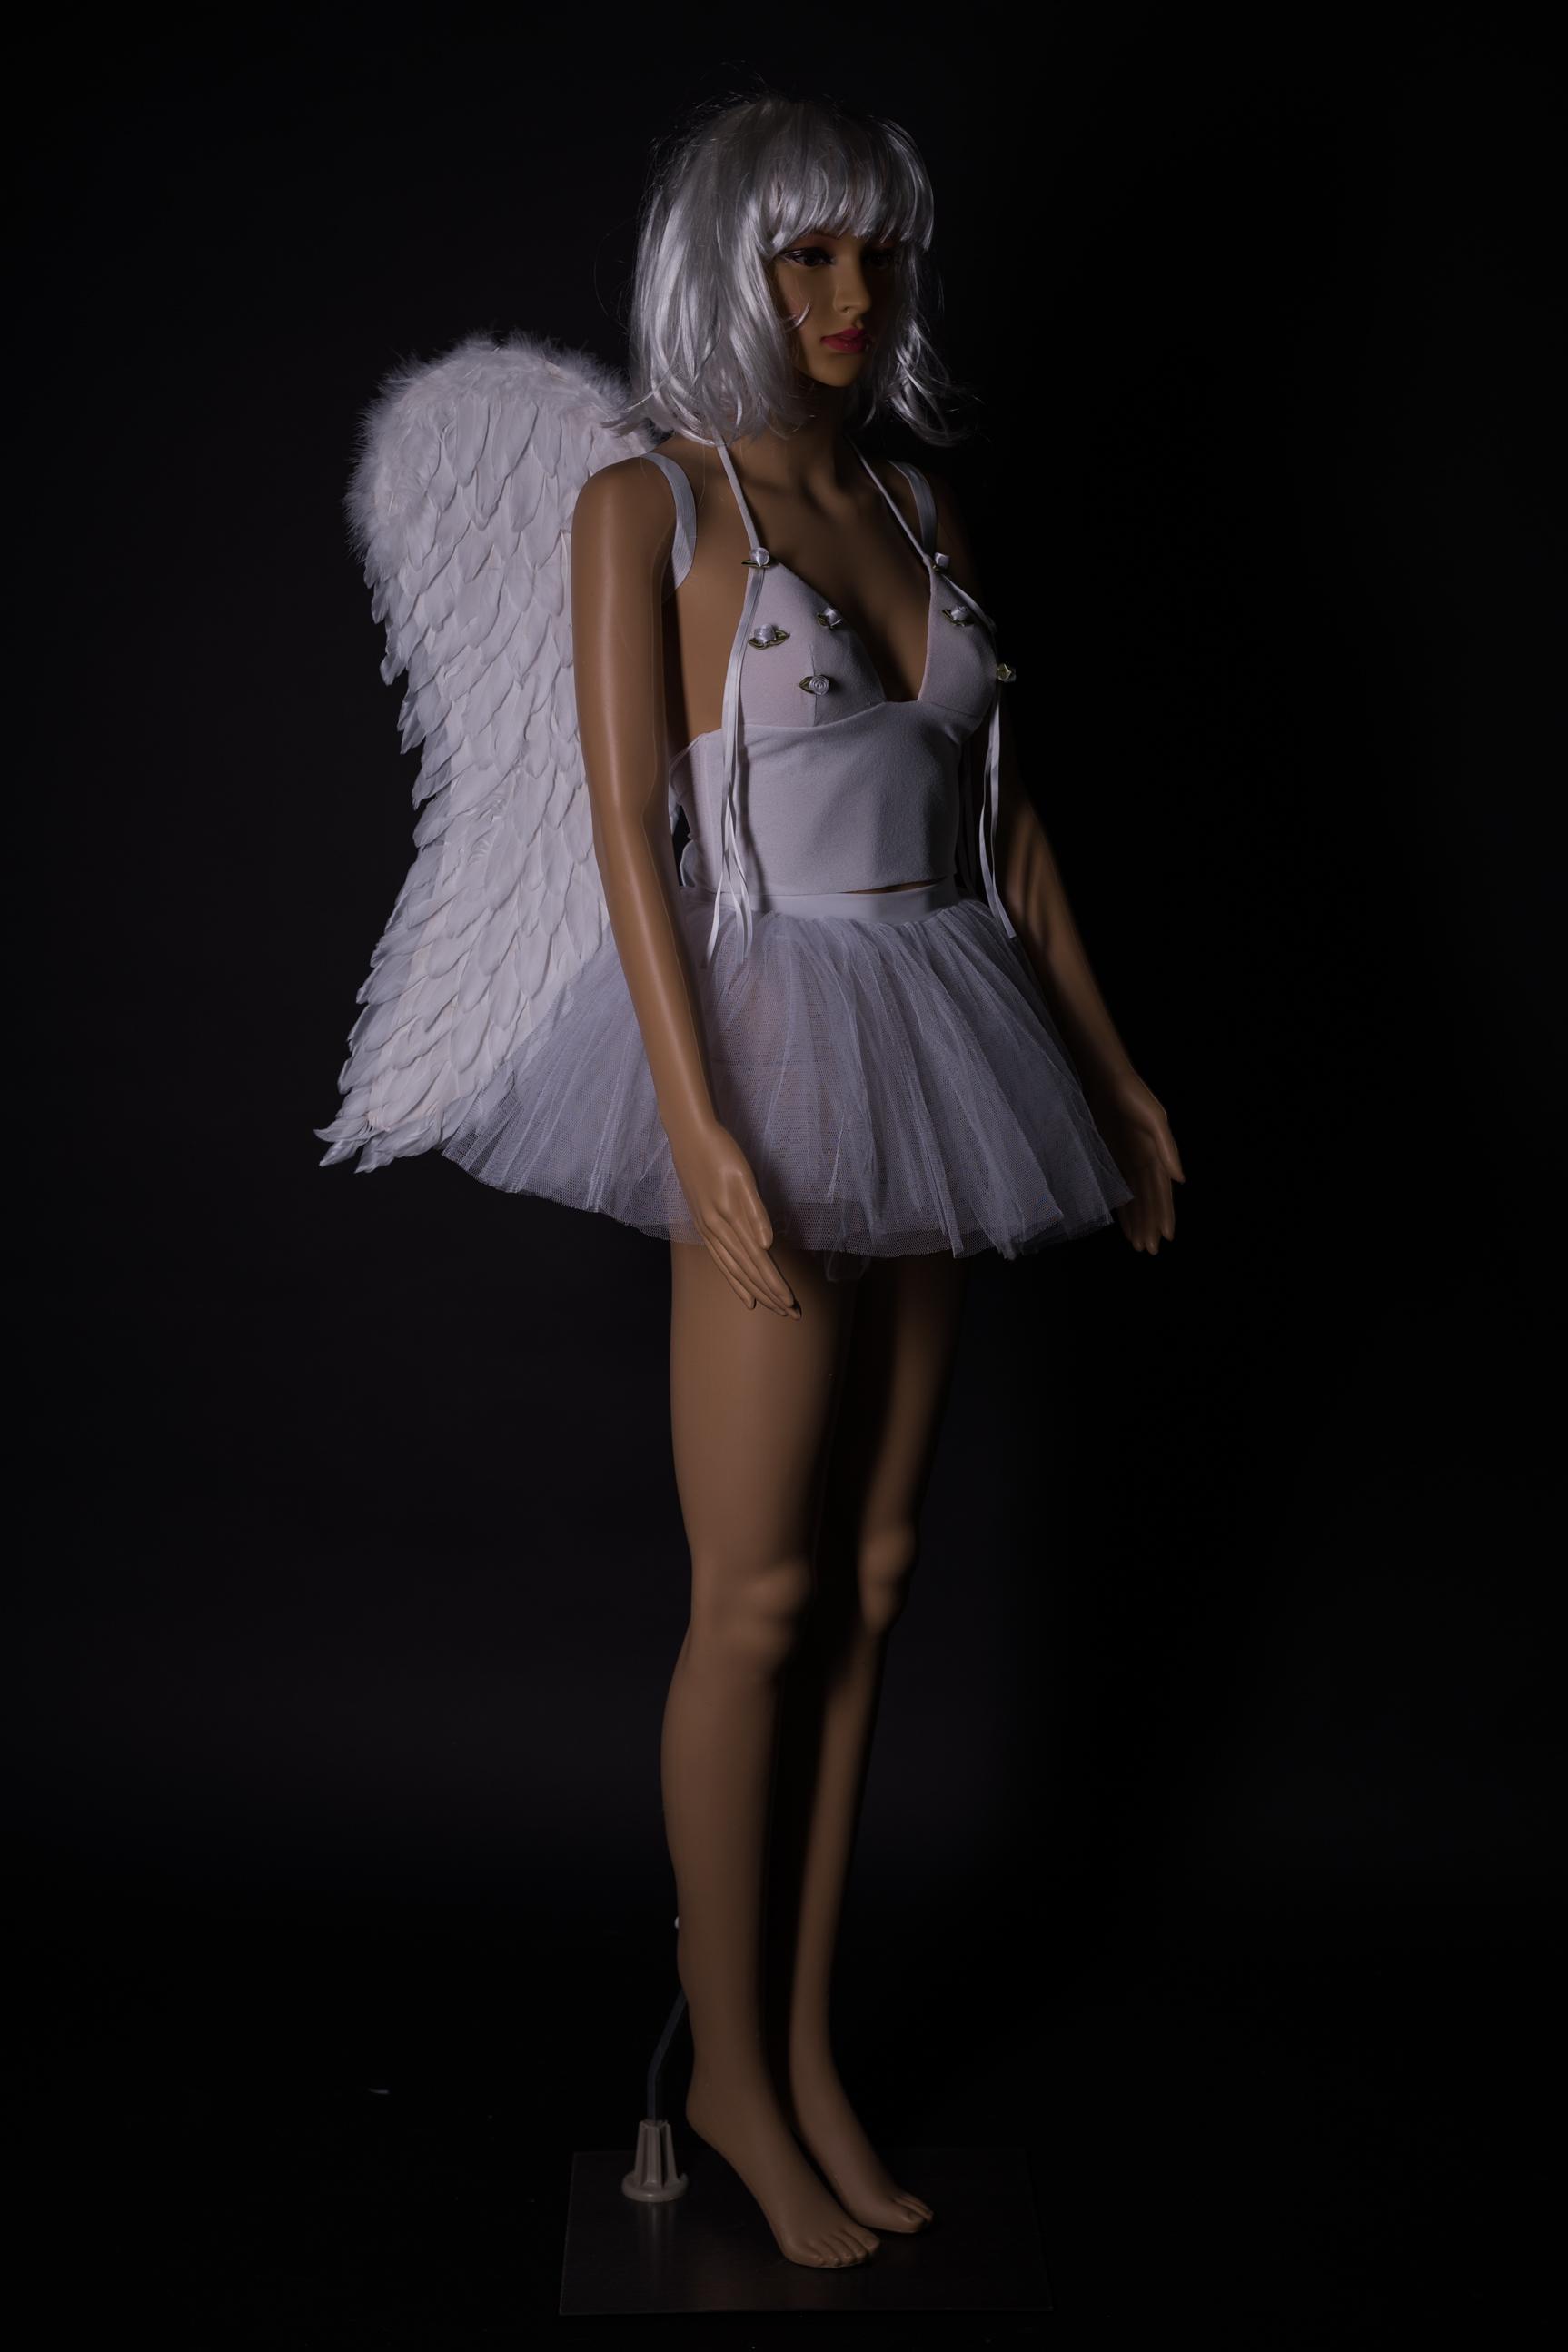 Weisses Engeloutfit mit Flügel und Perrücke